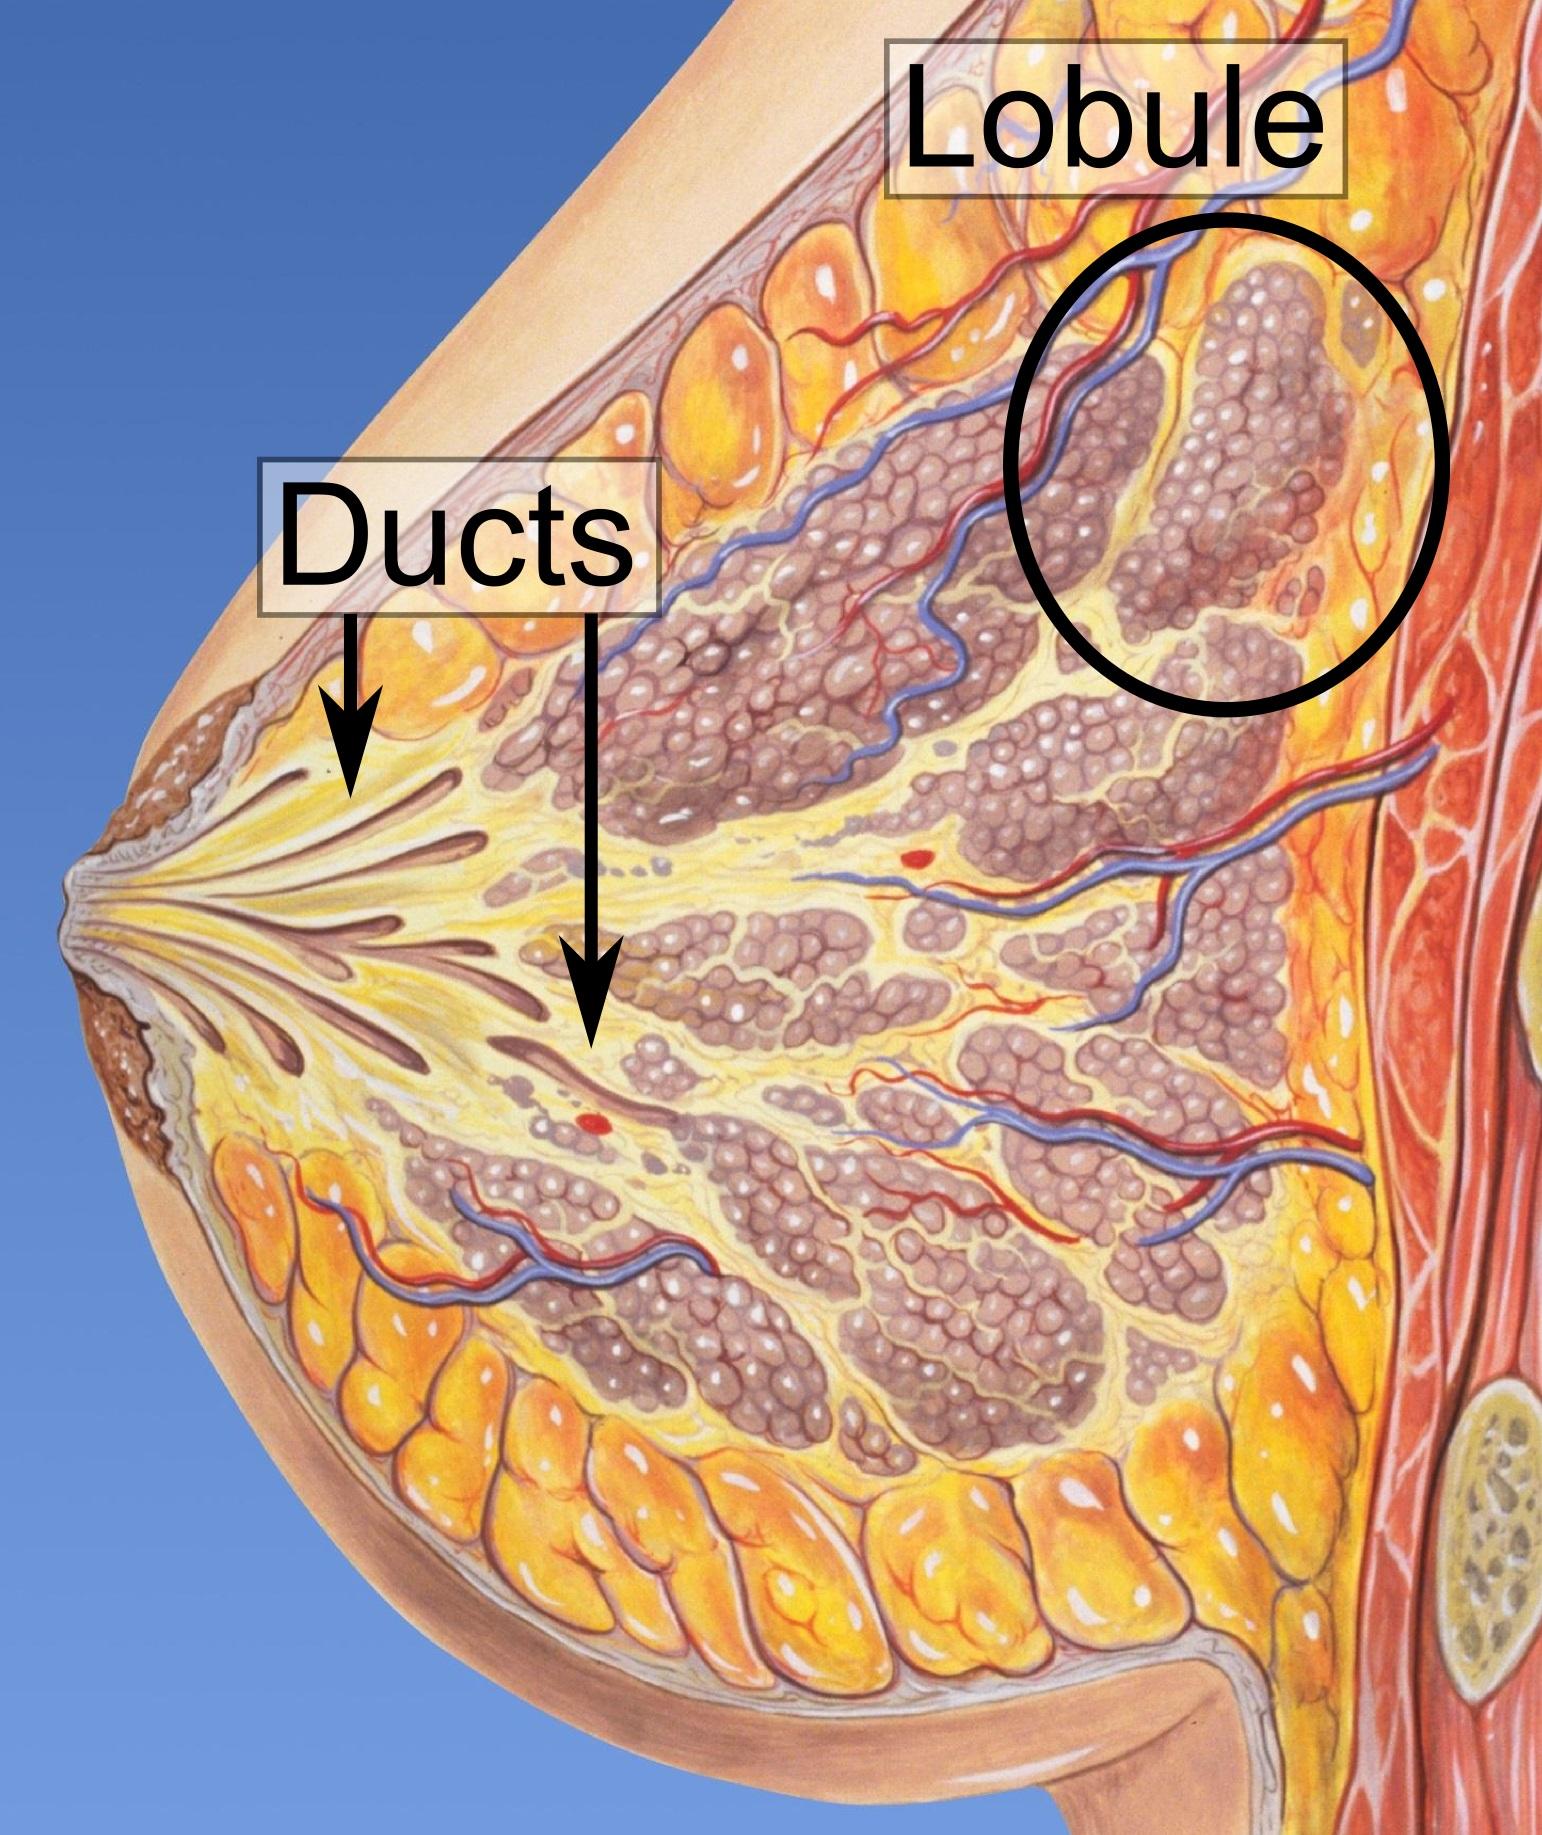 intraductal papilloma lumpectomy laryngeal papillomatosis larynx